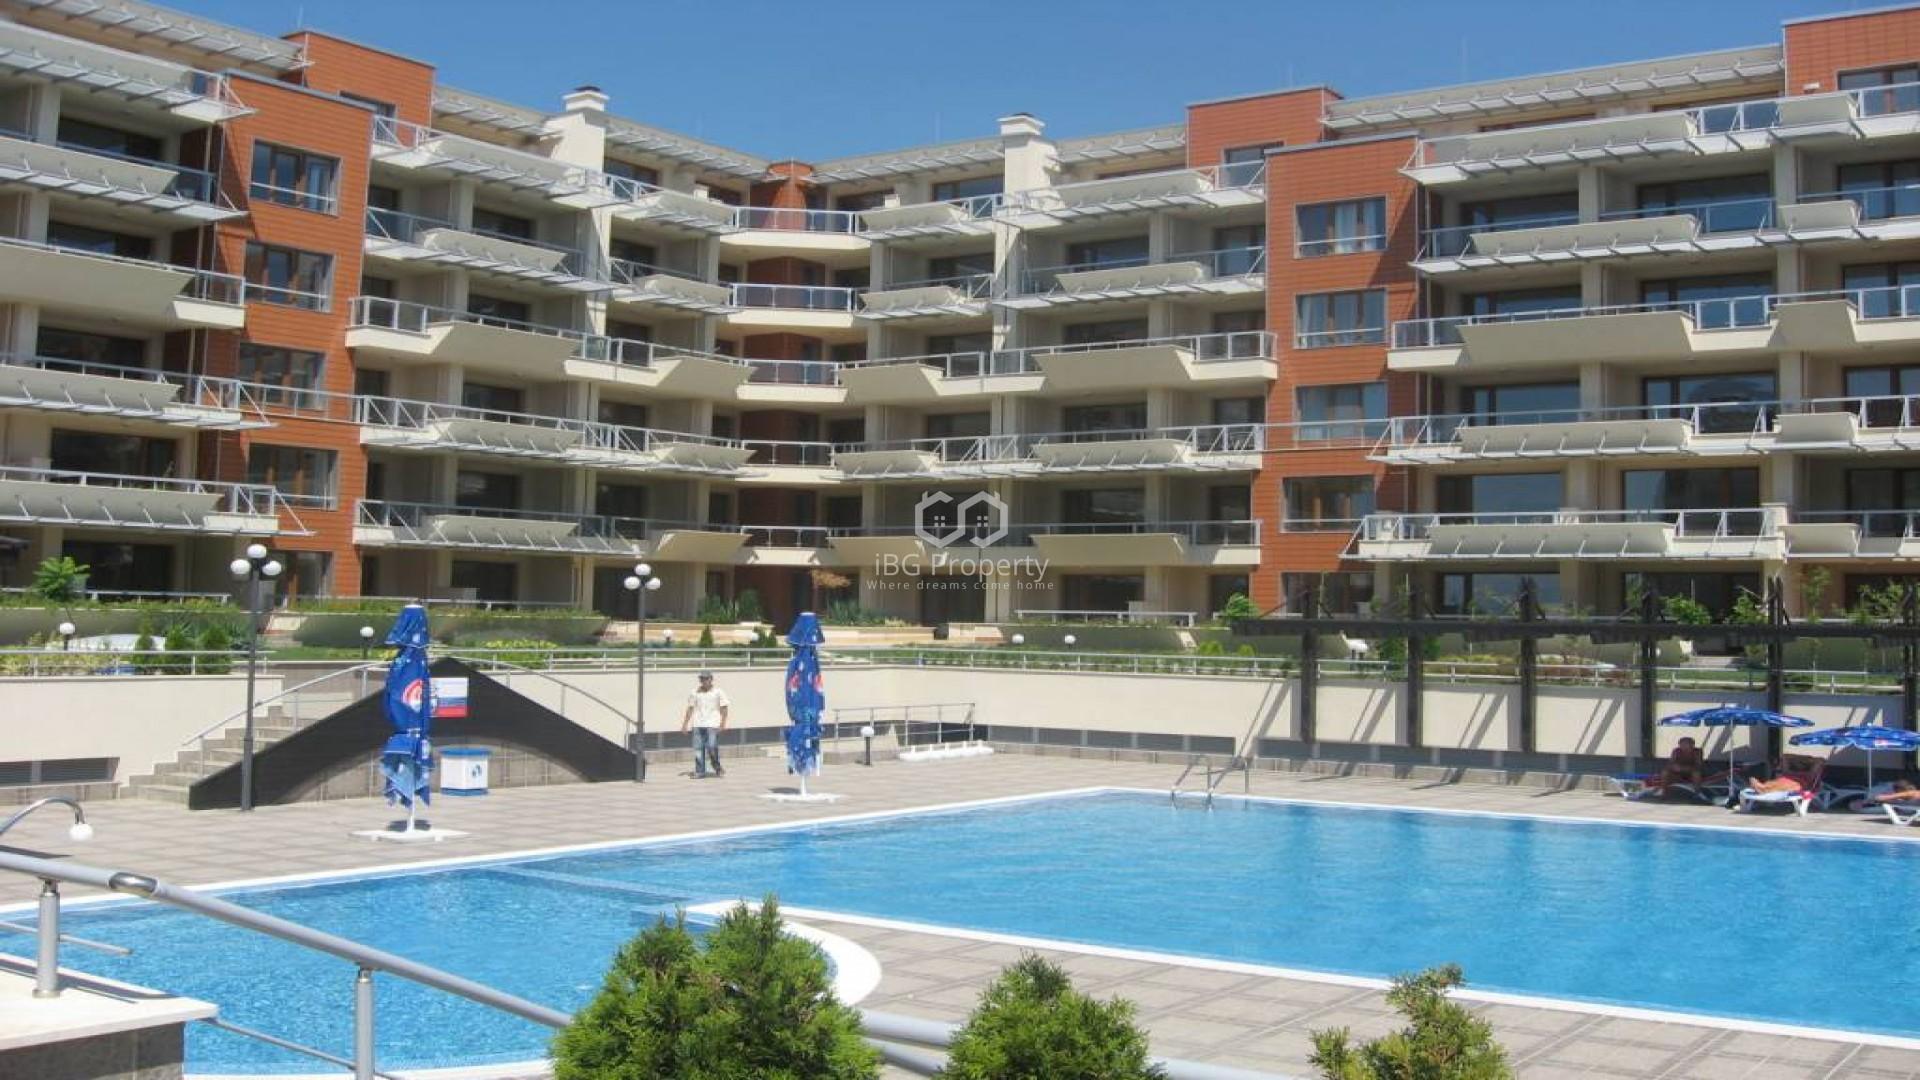 Eдностаен апартамент Поморие 79 m2